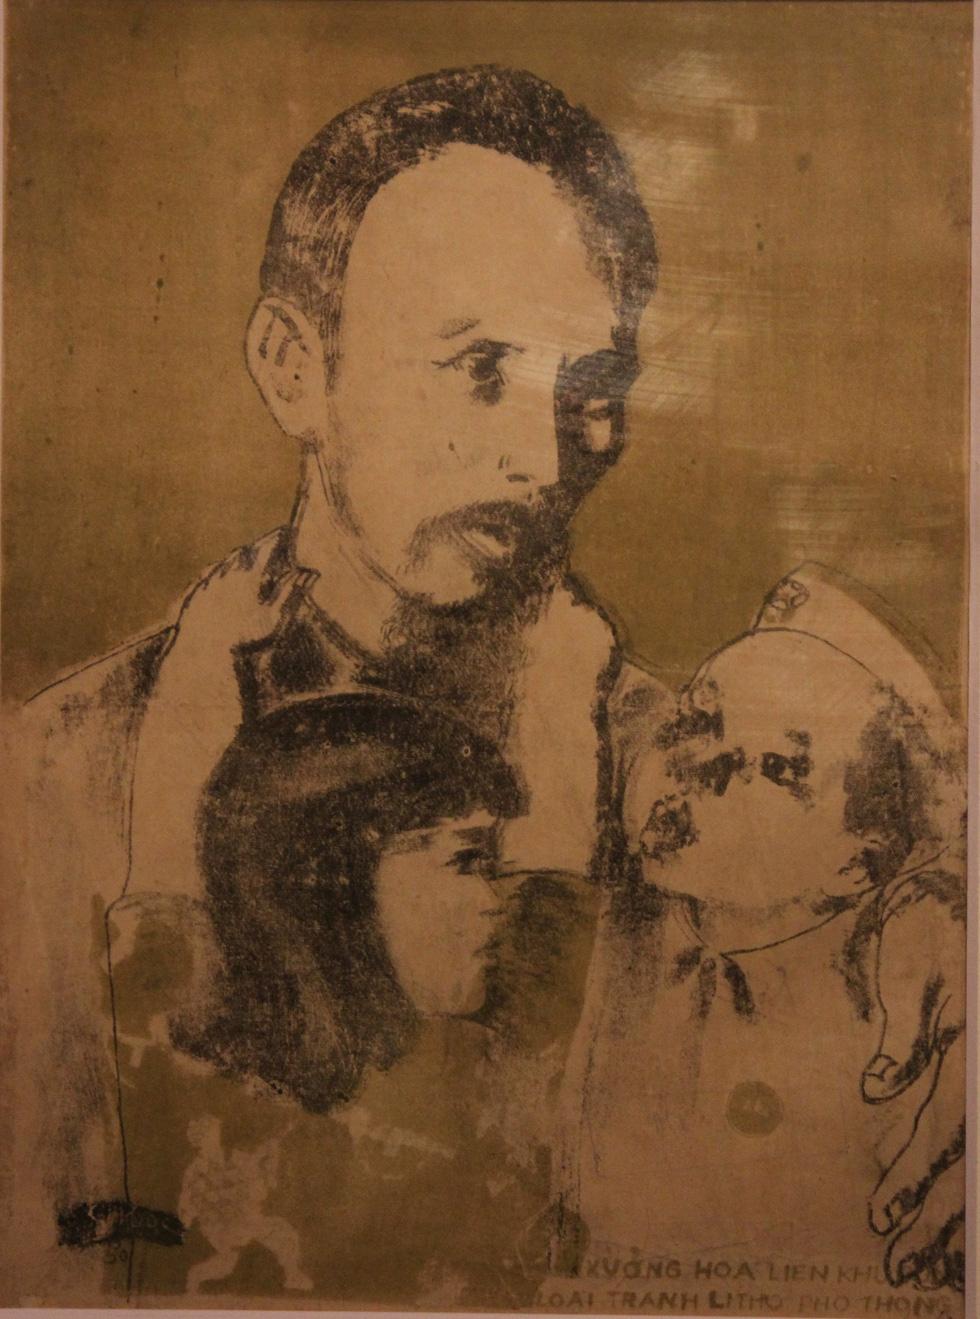 Ngắm tranh danh họa Tô Ngọc Vân, Trần Văn Cẩn vẽ Bác Hồ - Ảnh 20.